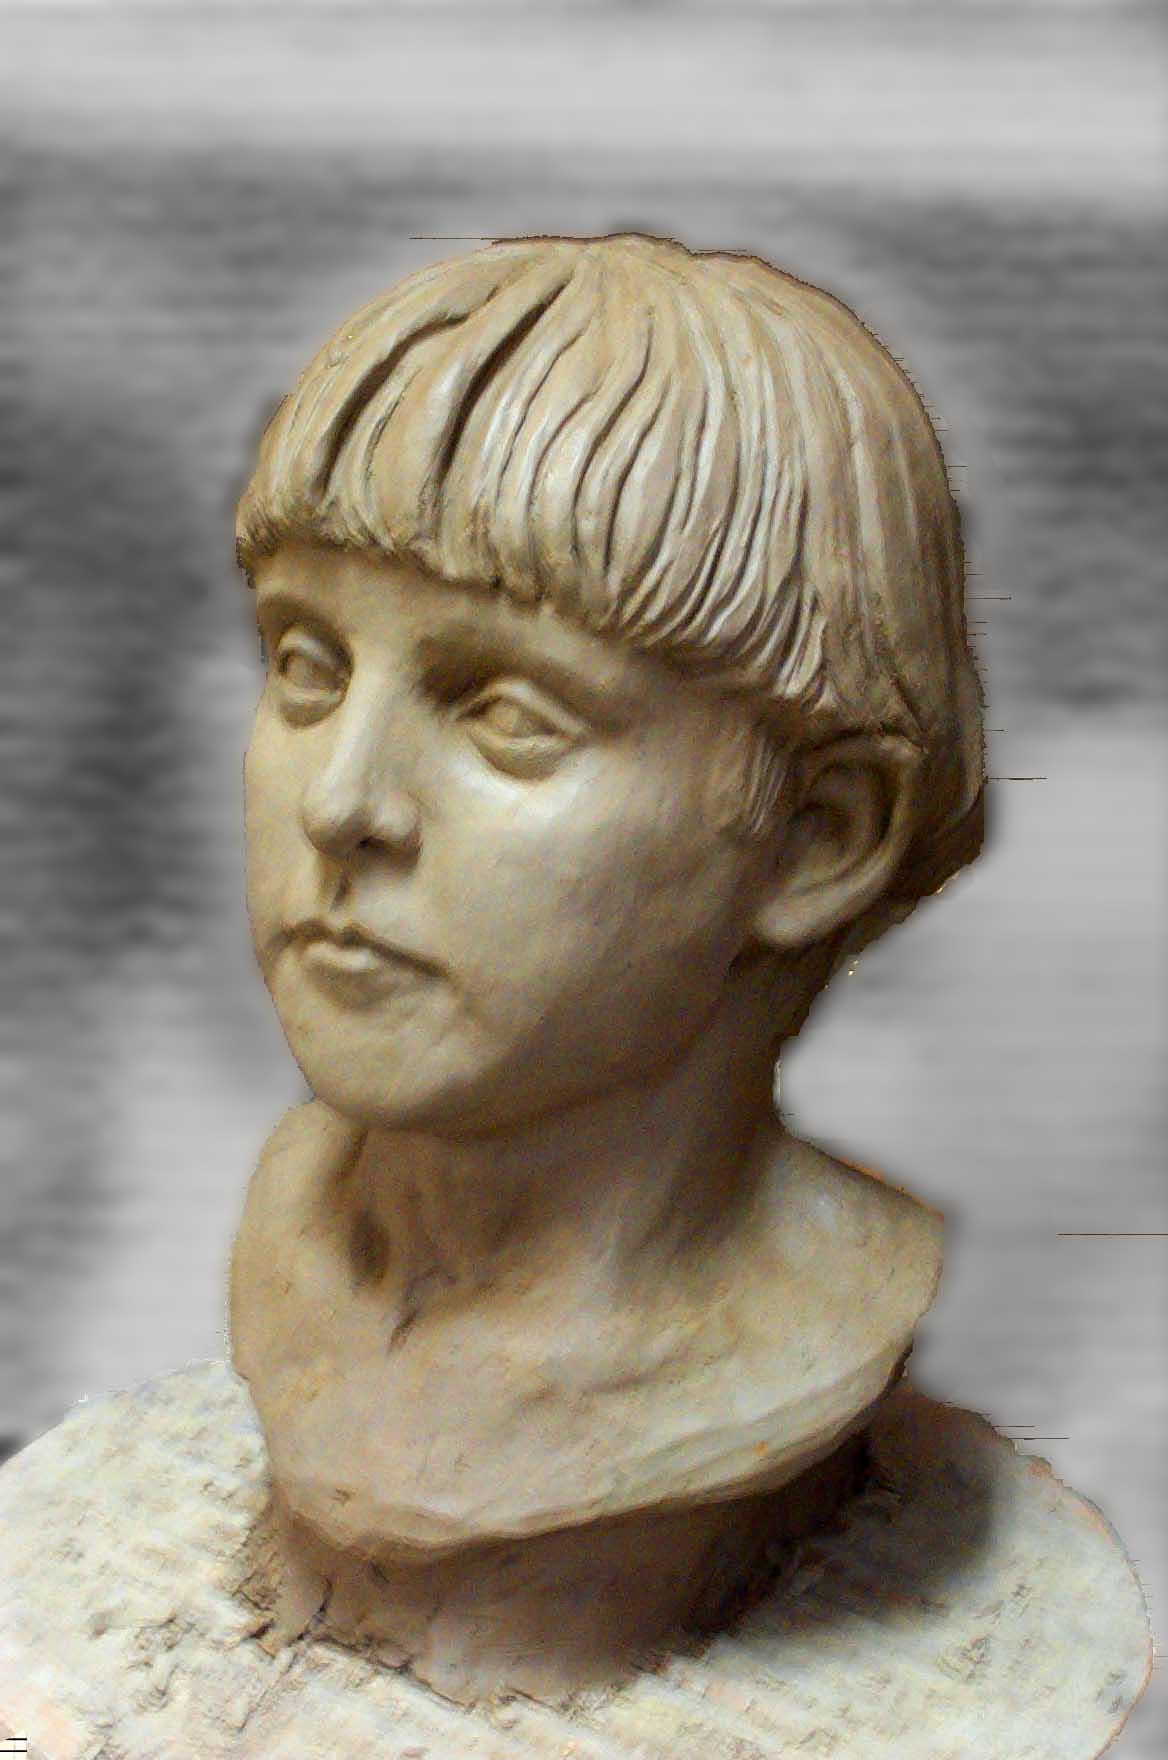 Samuel portrait